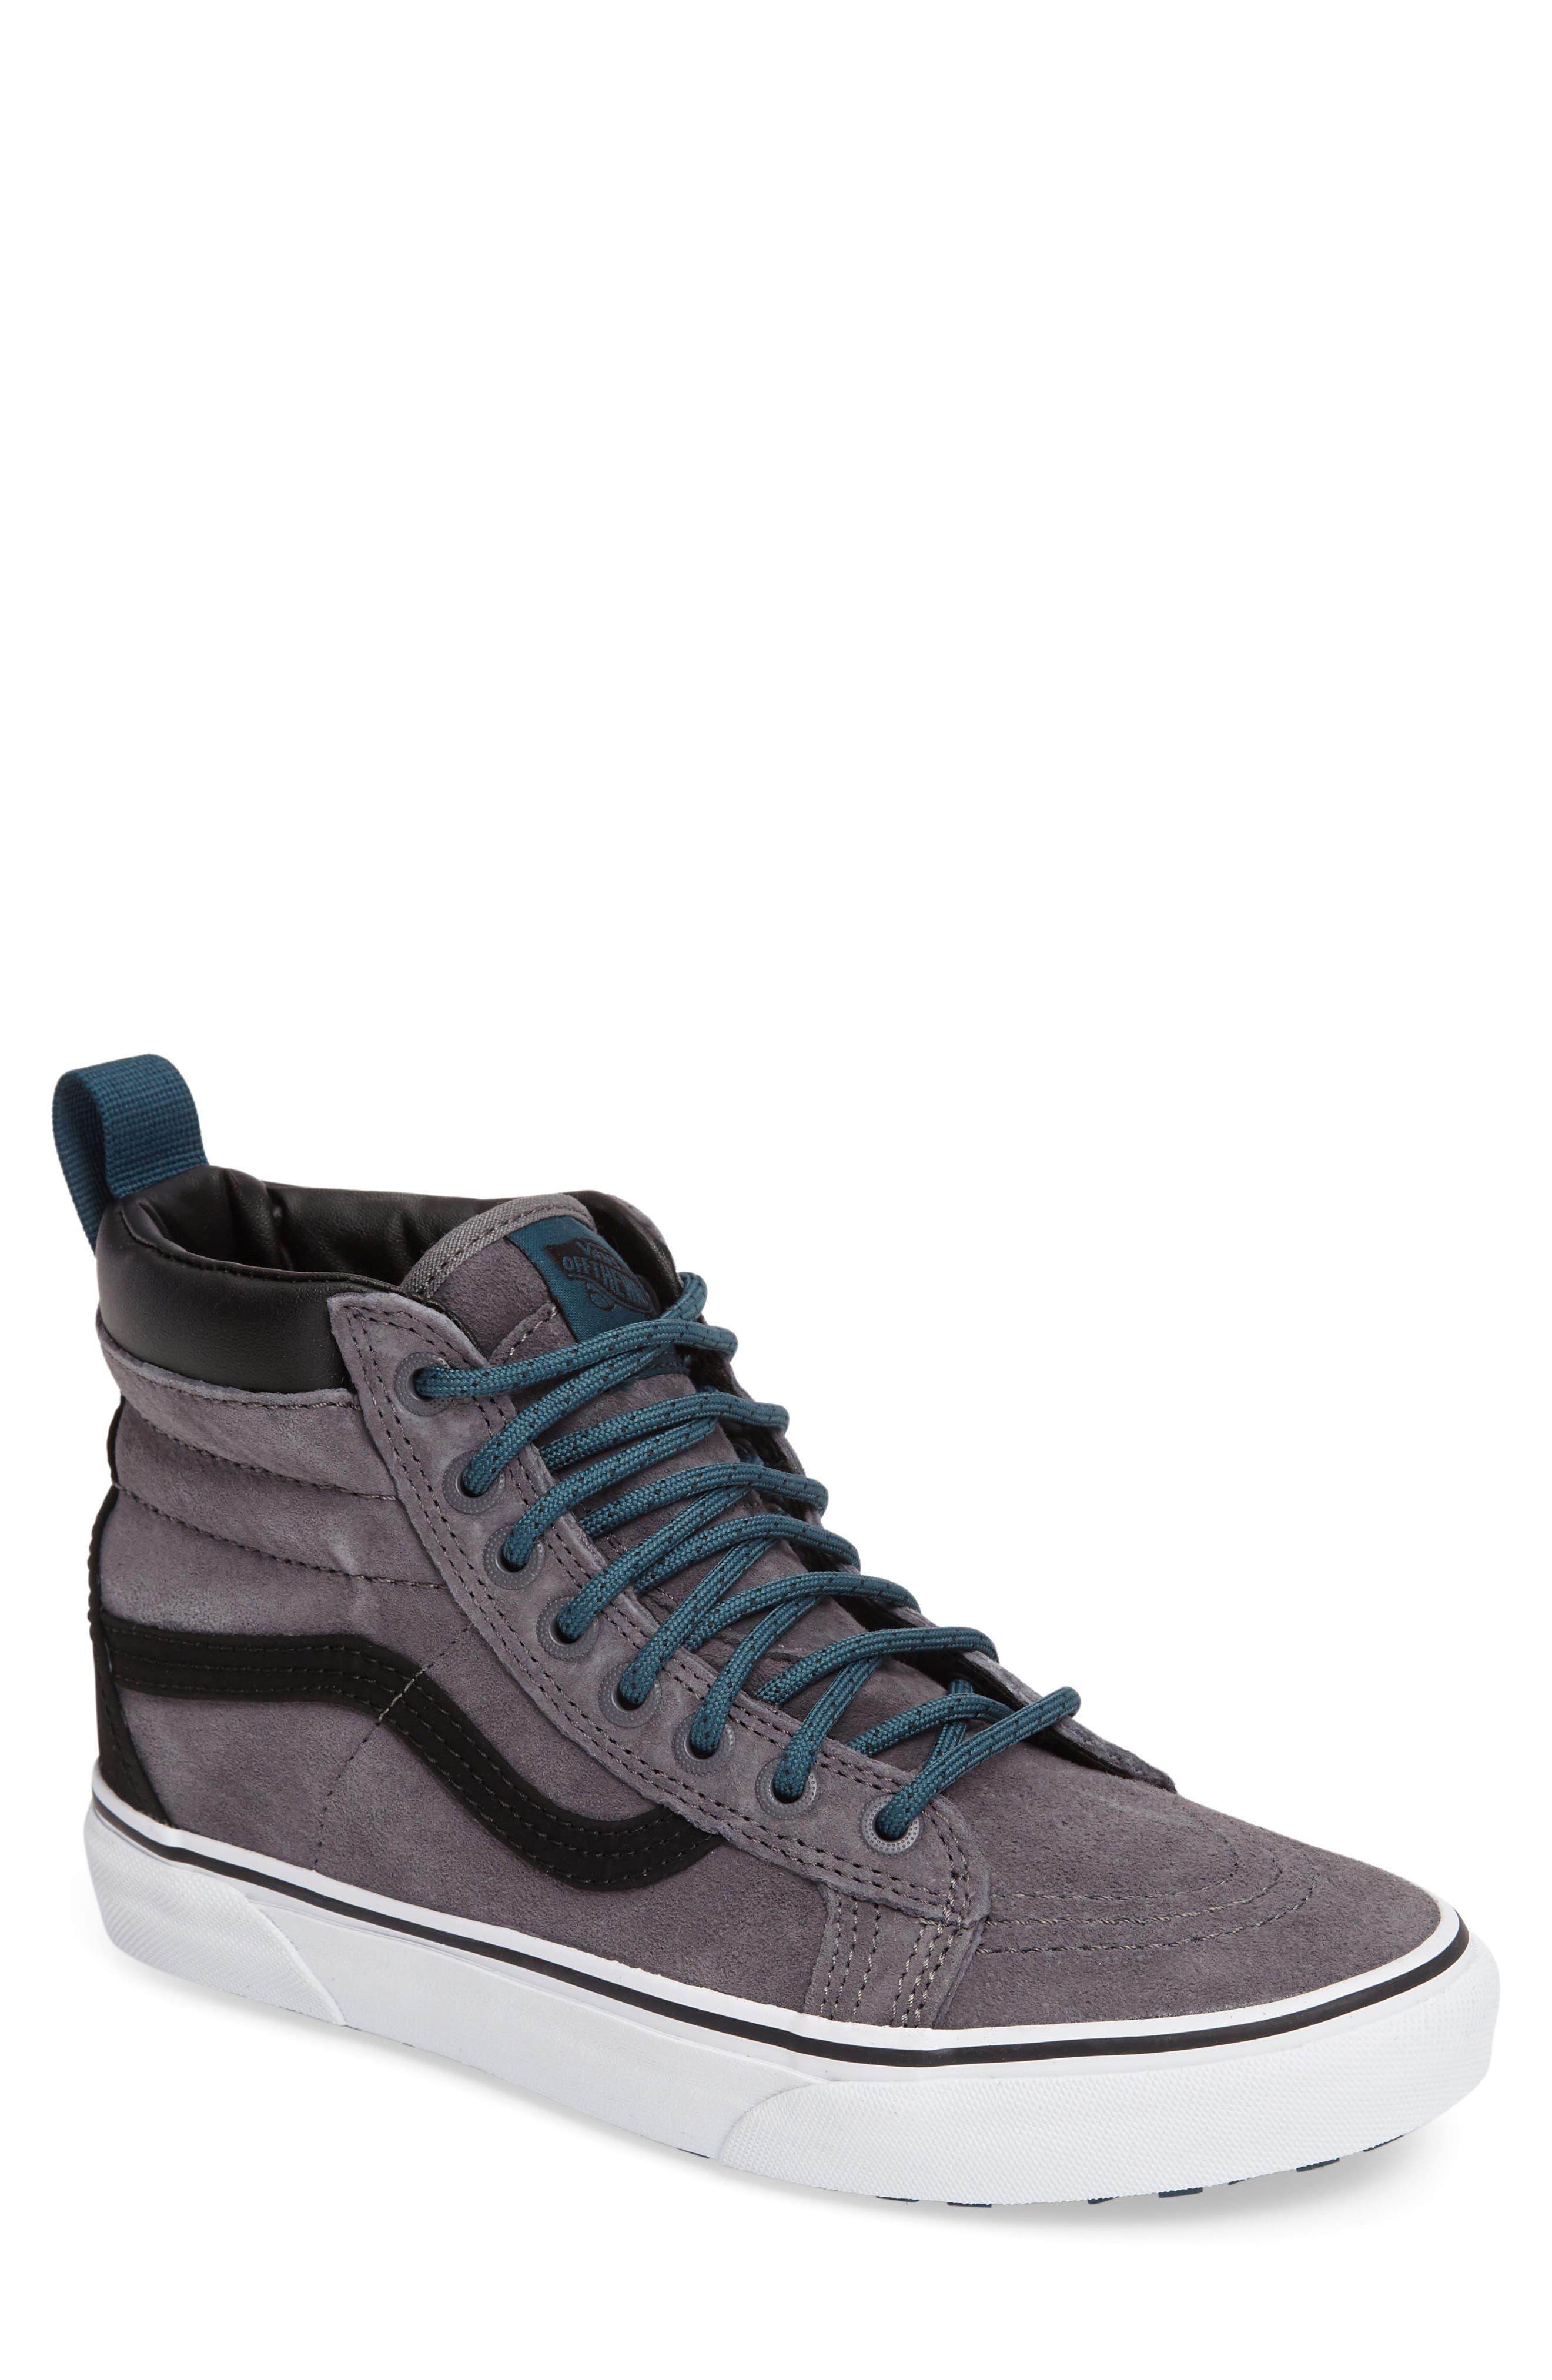 Main Image - Vans 'Sk8-Hi MTE' Sneaker (Men)